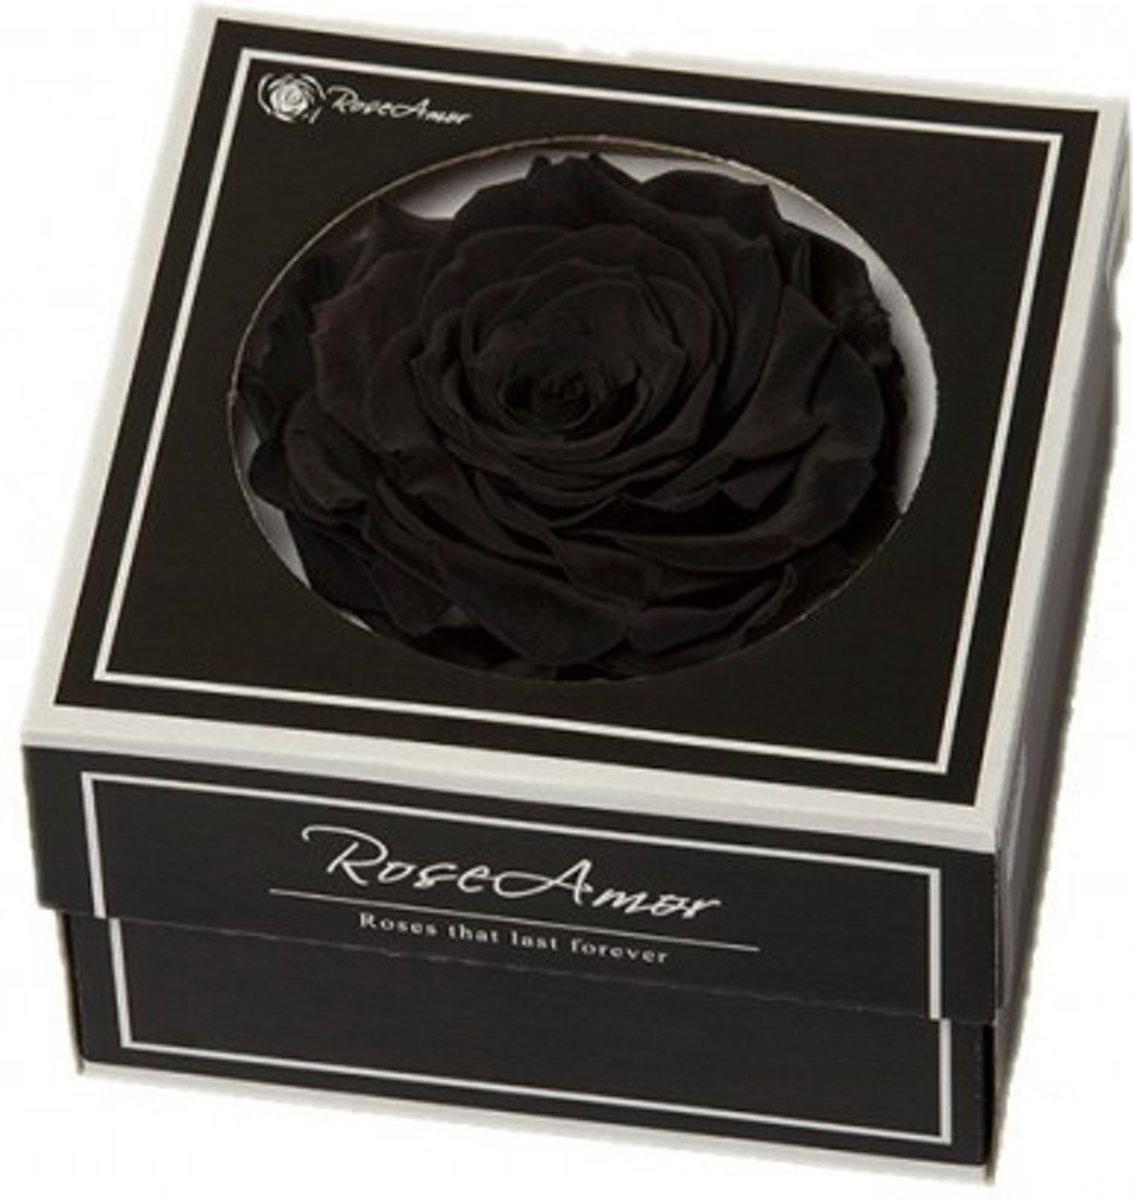 Zwarte rozen kop XXL geconserveerd in cadeaubox kopen